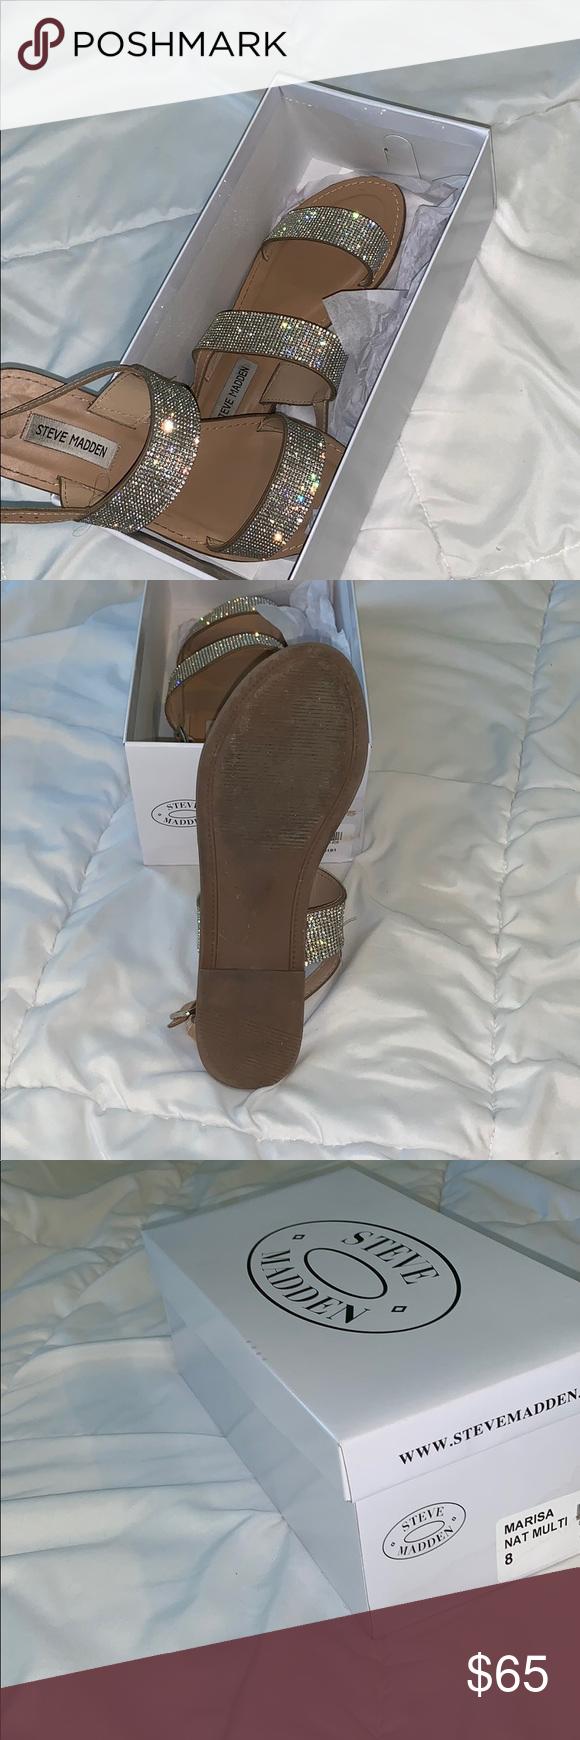 30c3c75002b Steve Madden diamond sandals Steve Madden diamond sandals , size 8 ...